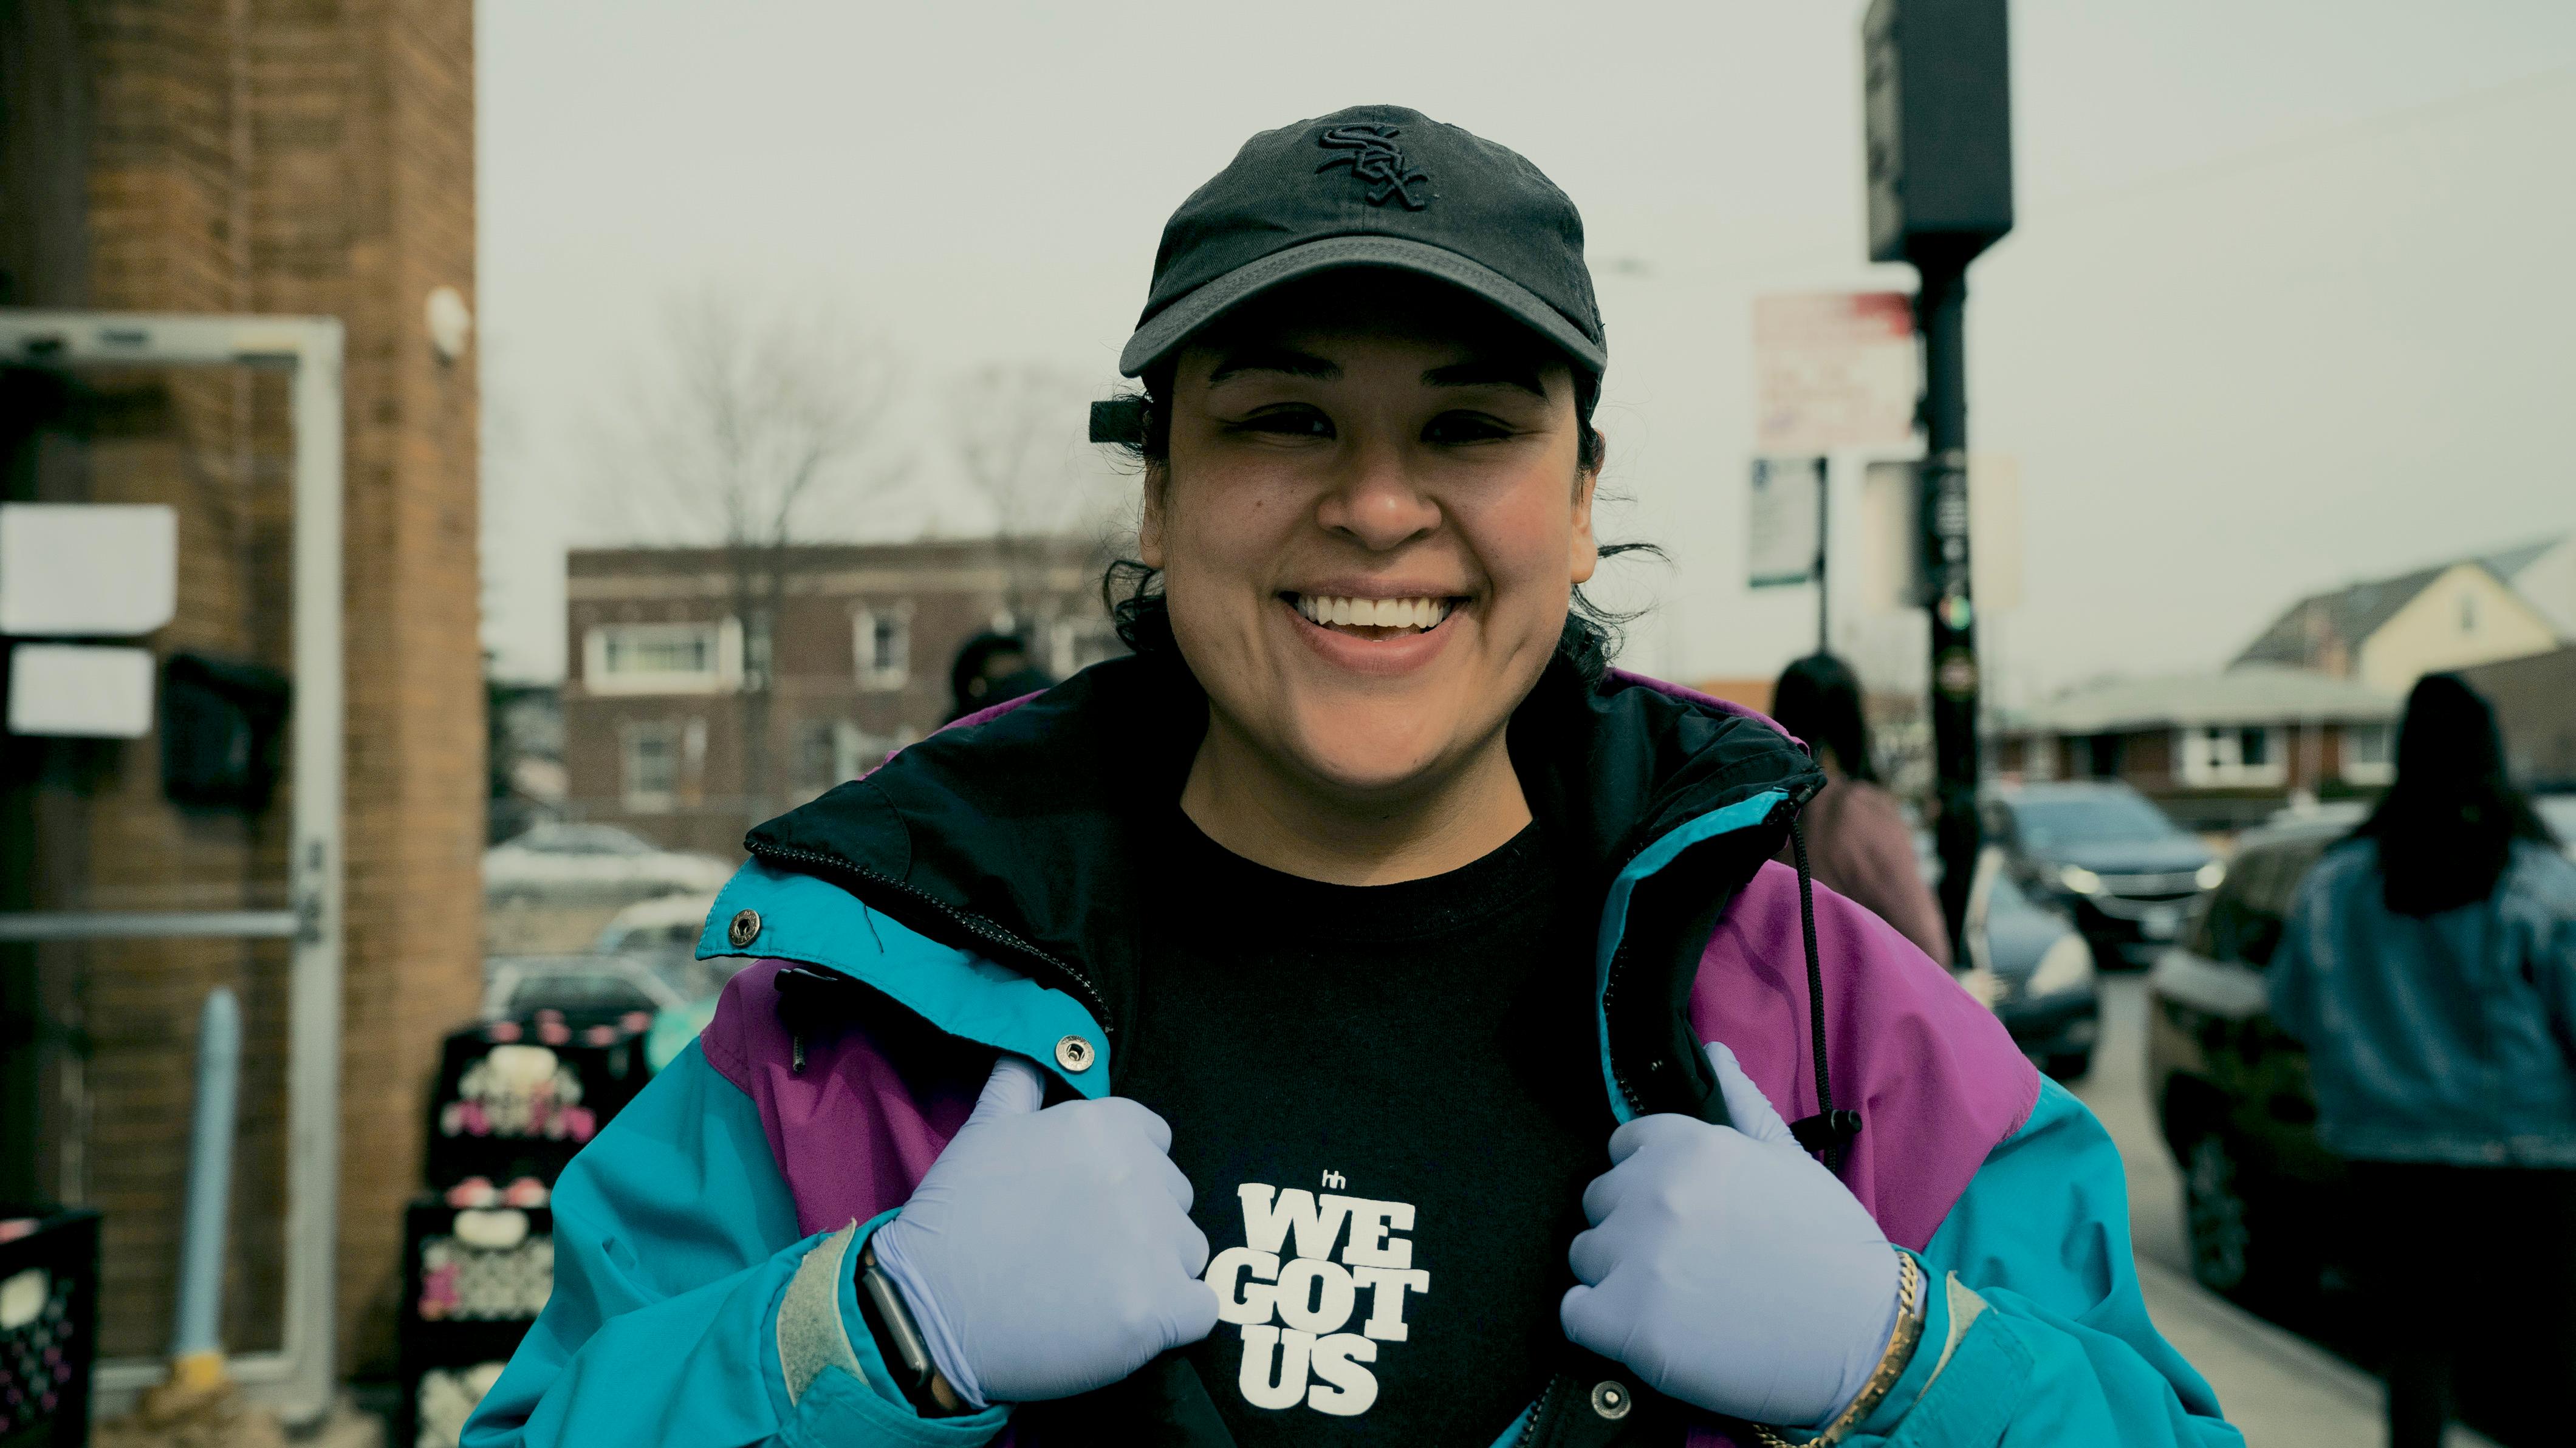 Mila Johnson Pérez aprovechó las particularidades de la pandemia para lanzar su negocio, que además ayuda a otras pequeñas empresas. (Negocios Now)